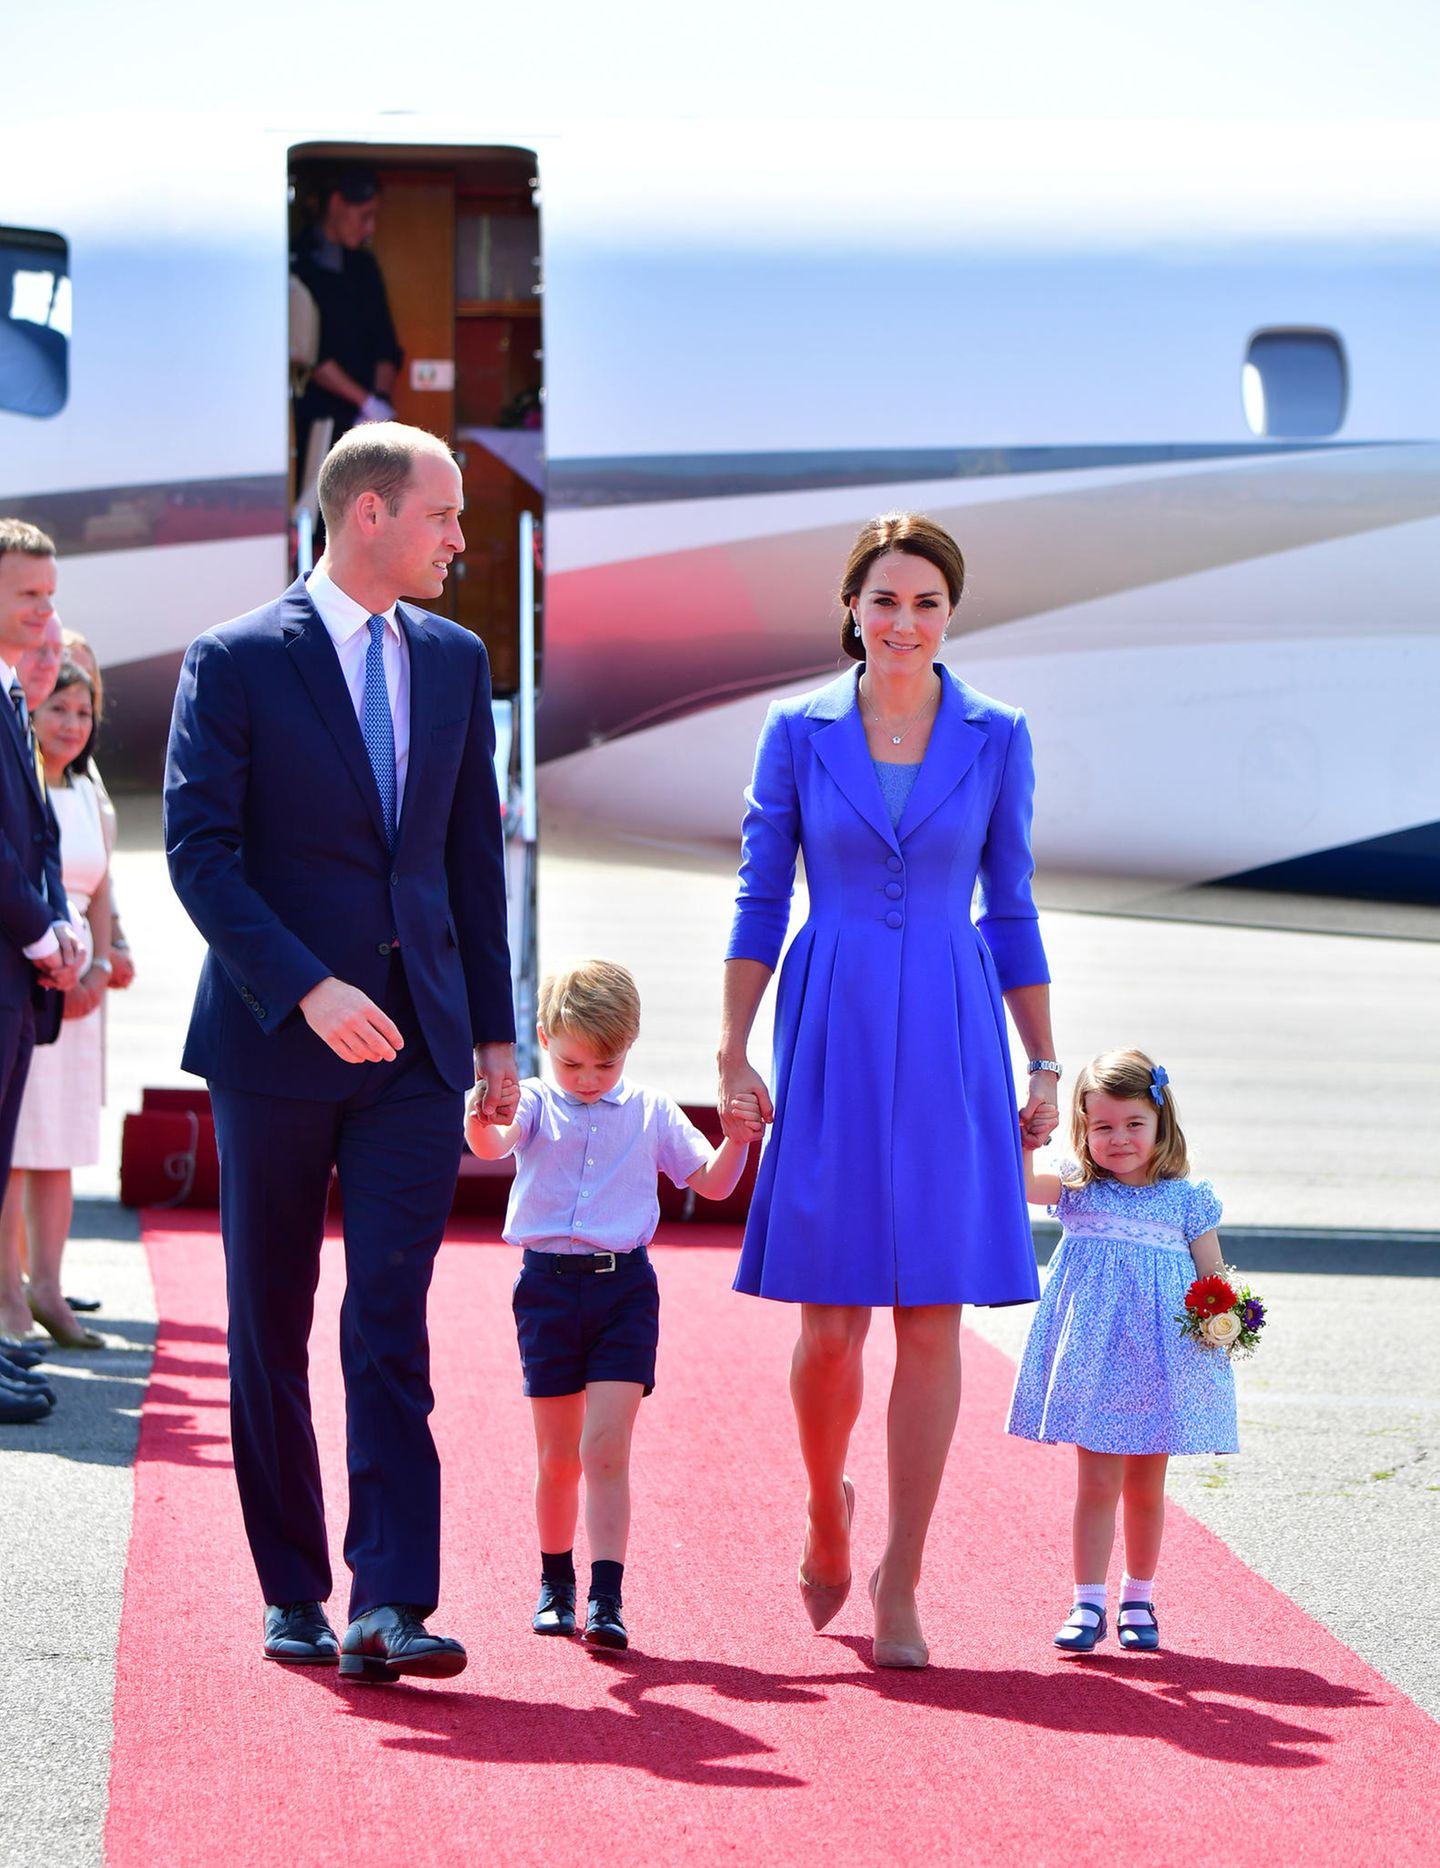 William und Kate mit ihren Kindern Prinz George und Prinzessin Charlotte